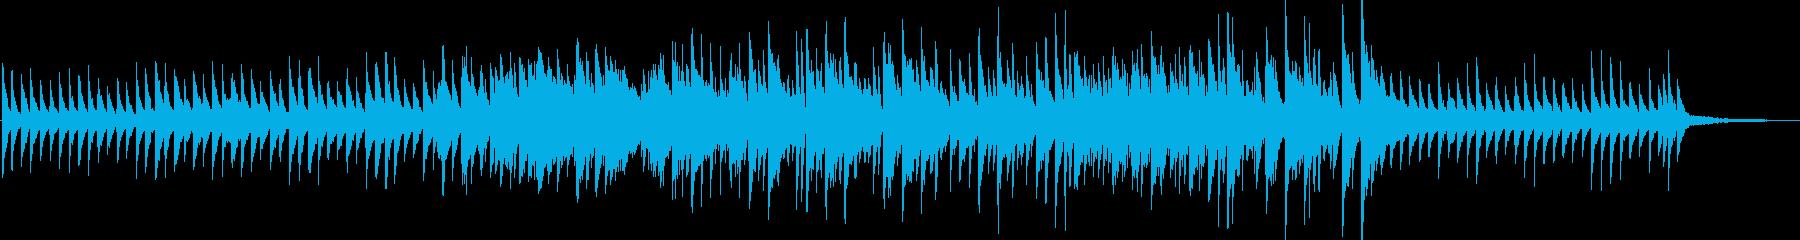 幻想的で綺麗なピアノ曲の再生済みの波形